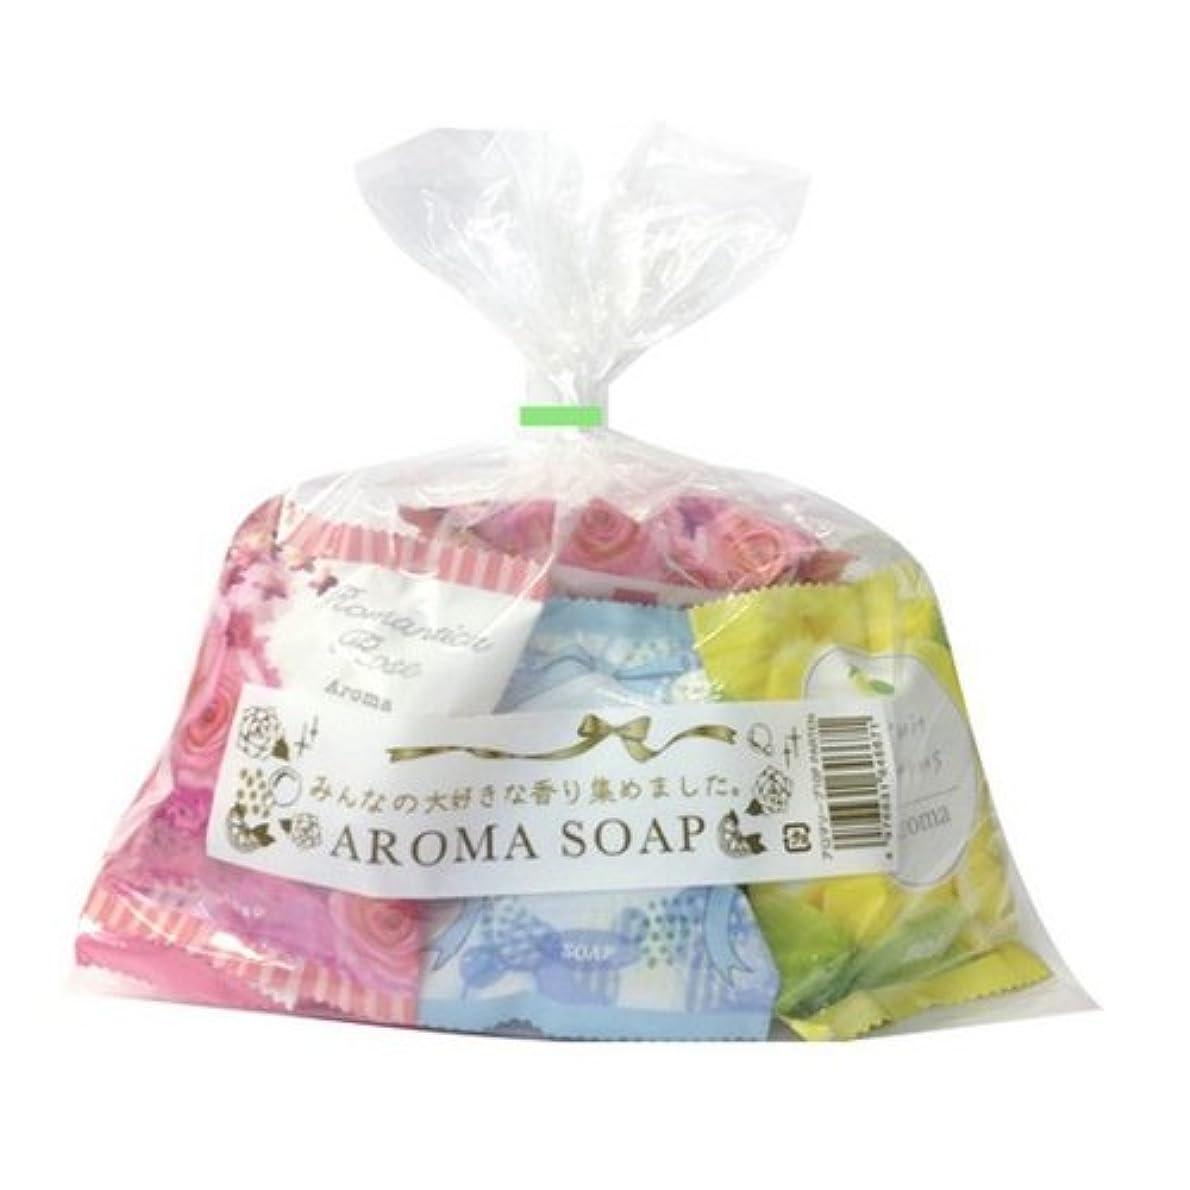 チップこれら魅惑するペリカン石鹸 アロマソープ 10個セット